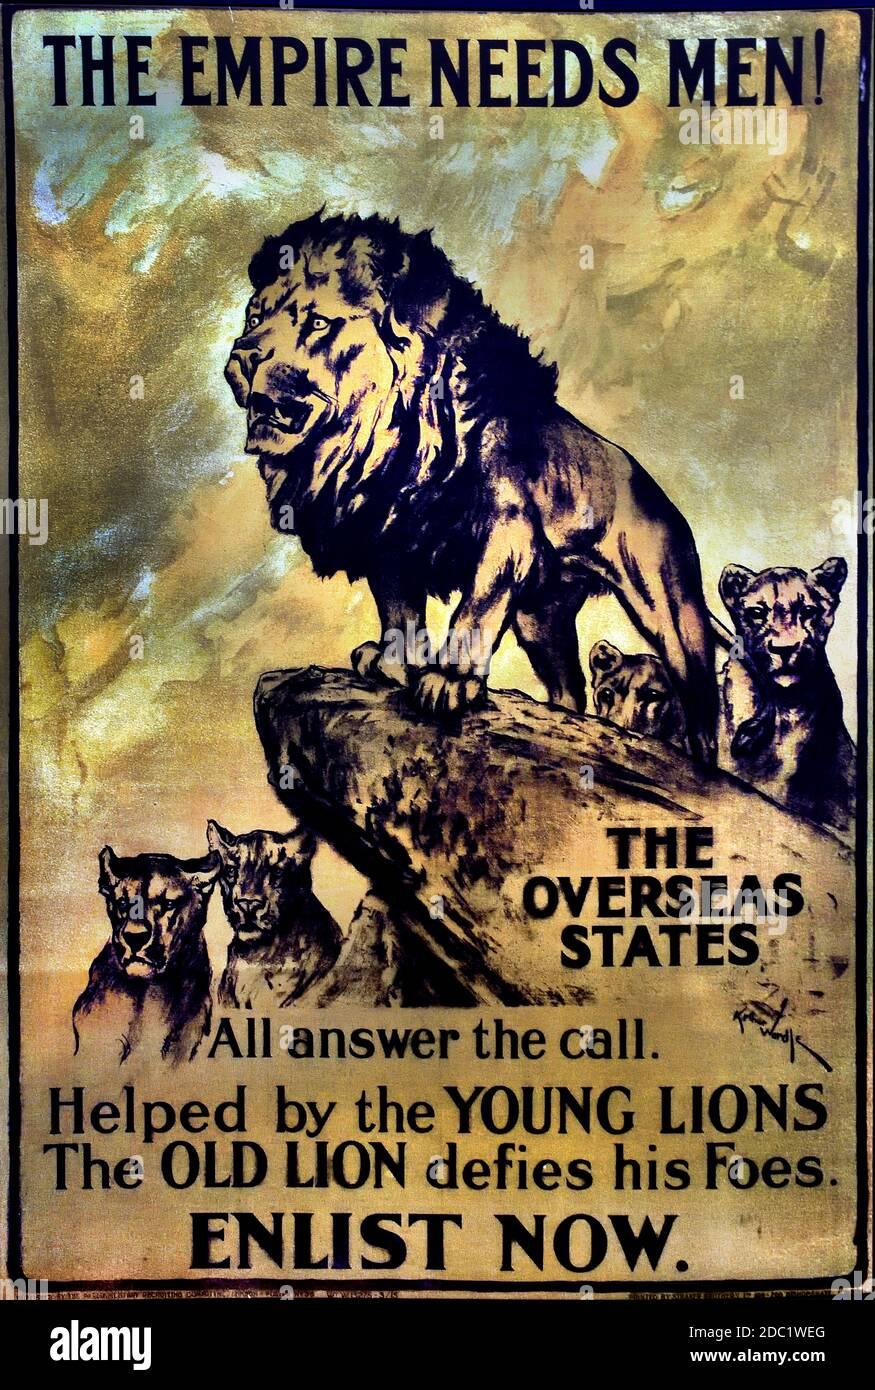 ¡el Imperio necesita hombres! Enliste ahora. 1915 por Arthur Wardle 1864-1949. Francia, francés, alemán, Alemania, Foto de stock